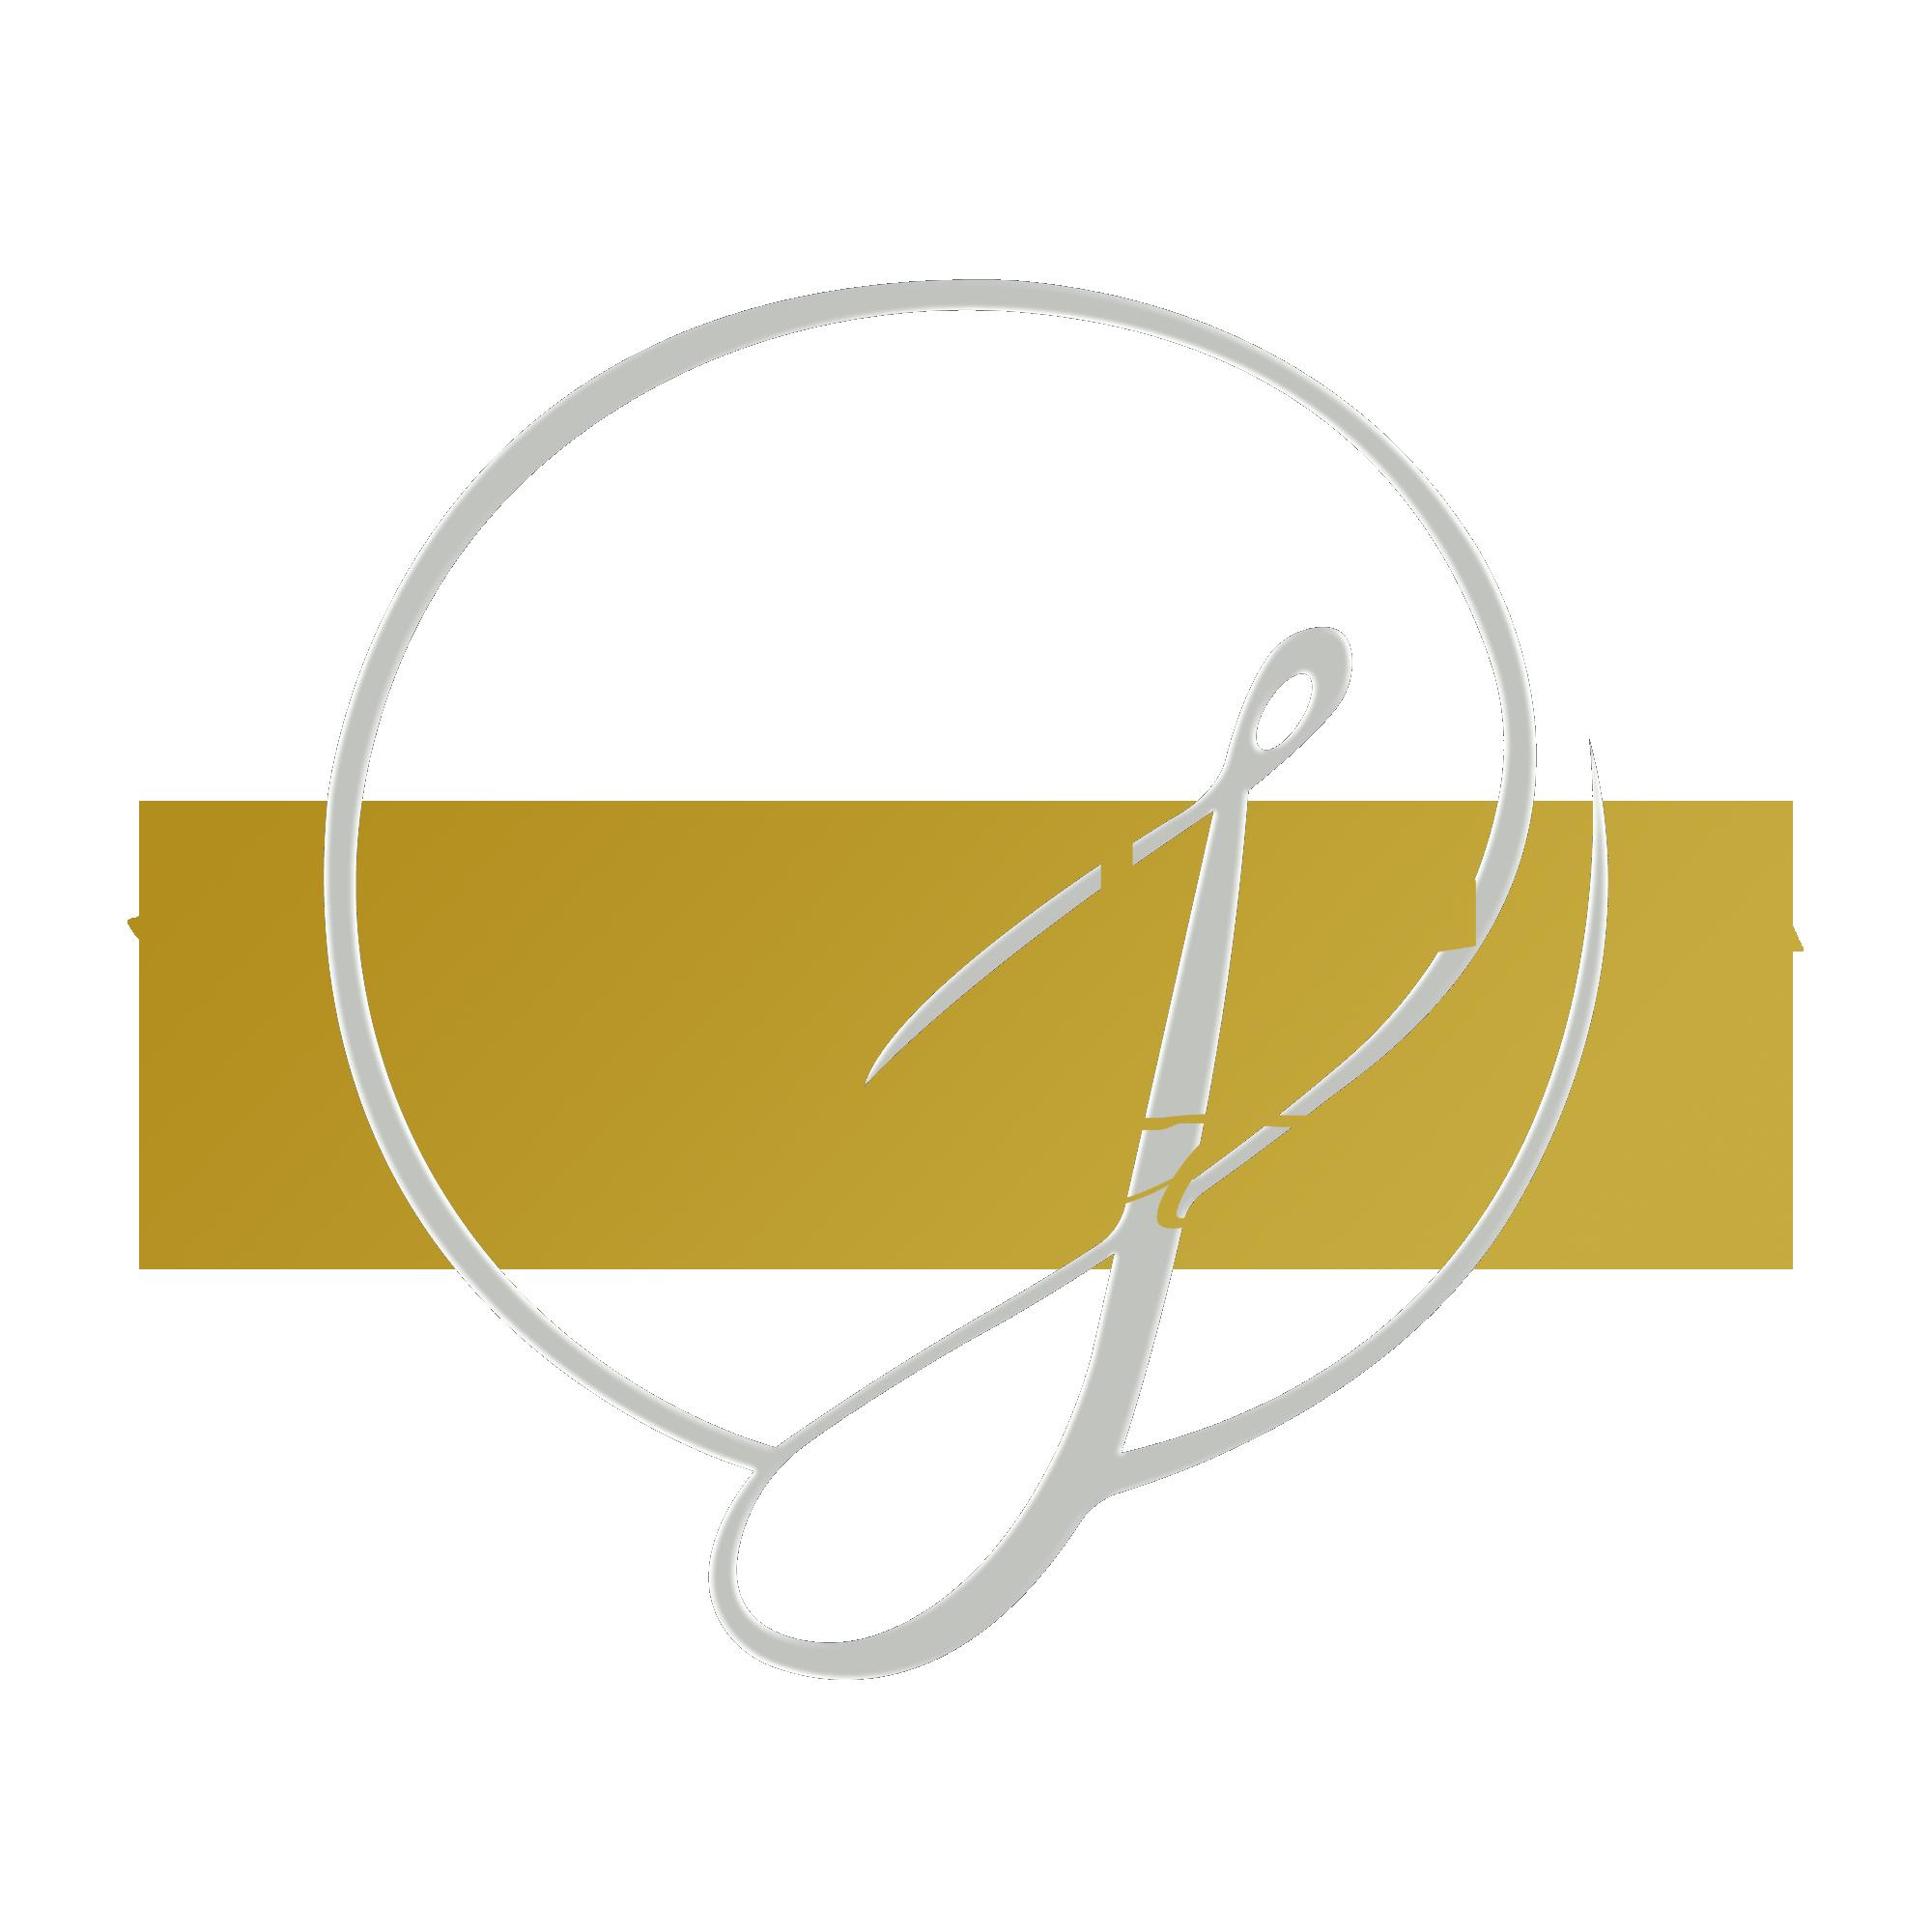 Janiga Estates